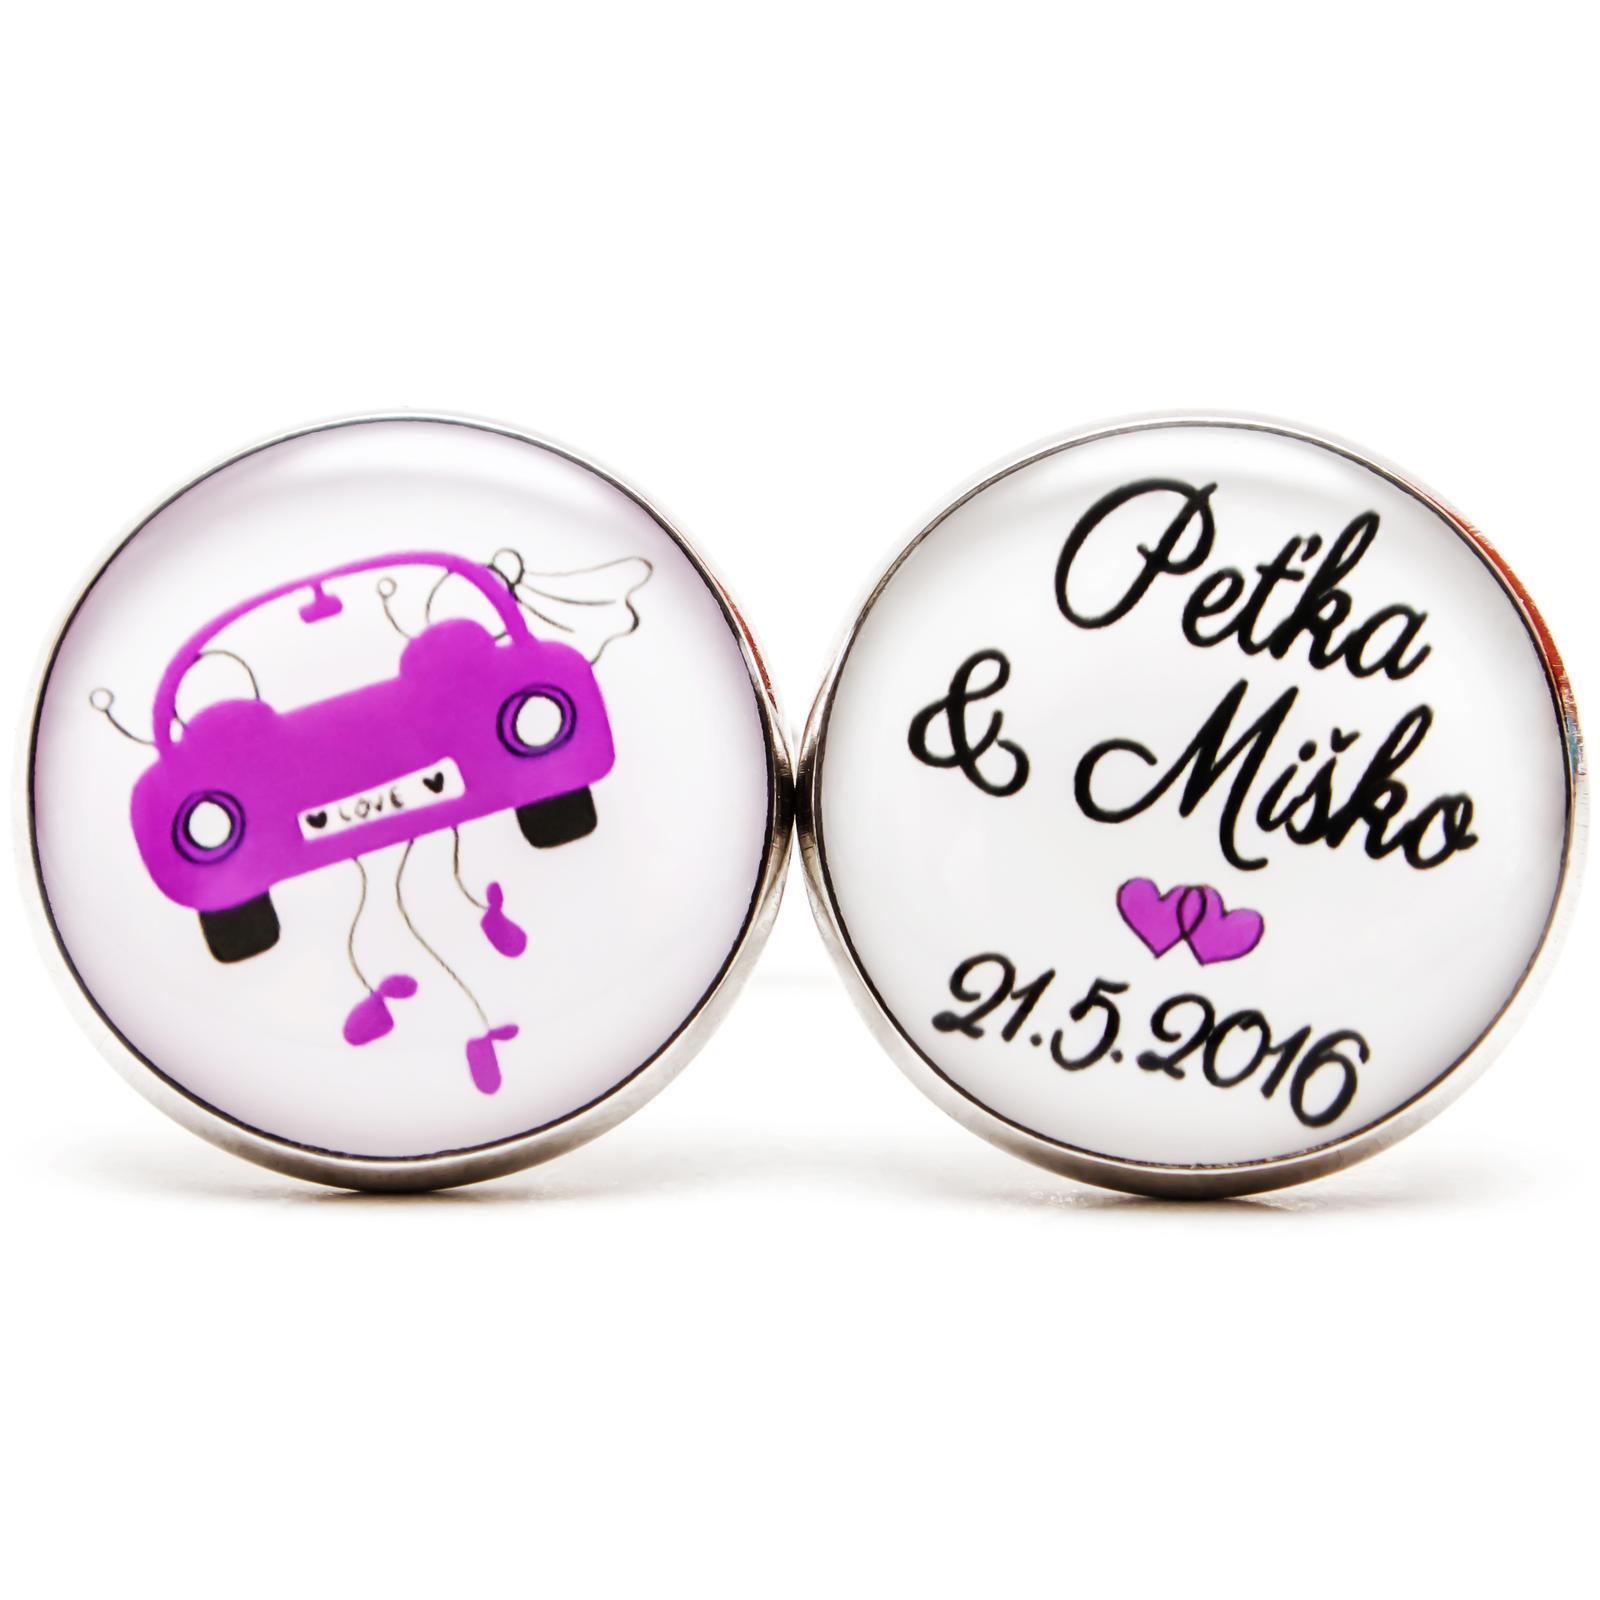 ♥  Manžetové gombíky na mieru - presne podľa Tvojich predstáv ♥ - Manžetové gombíky 033 - fialové detaily